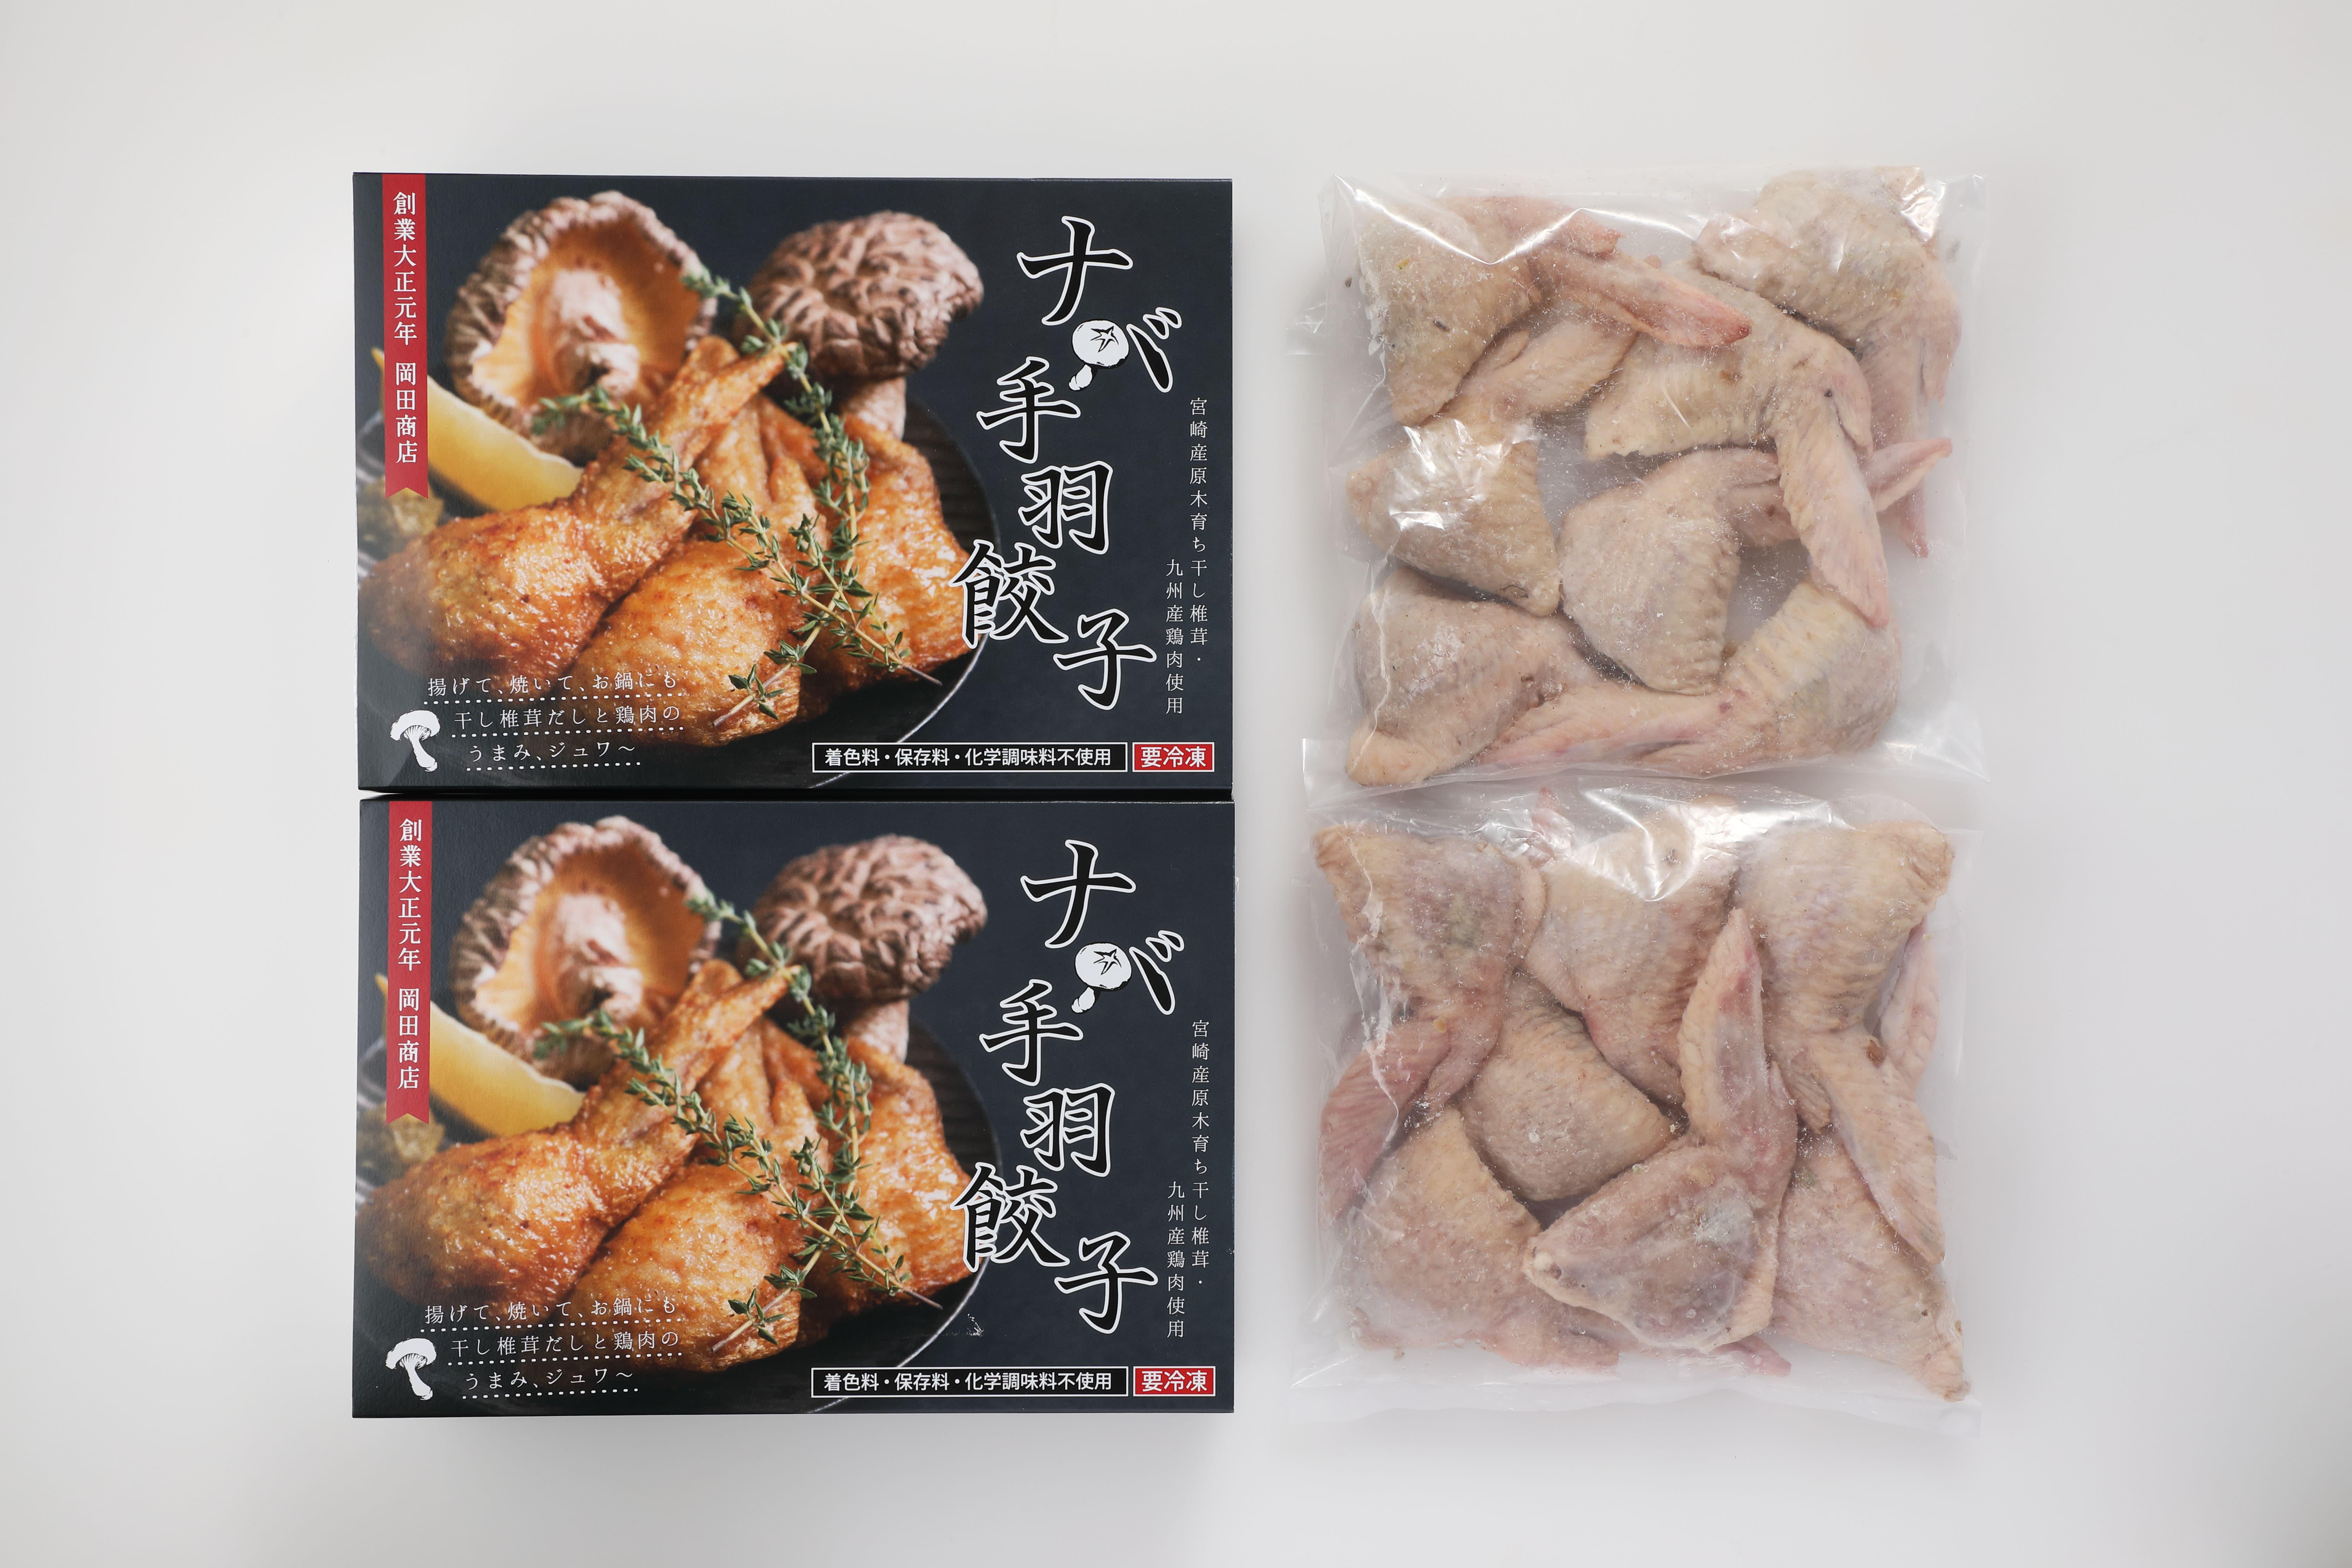 【干し椎茸の旨味を凝縮】手早く調理で手間いらず!ナバ手羽餃子(7本入×2箱)